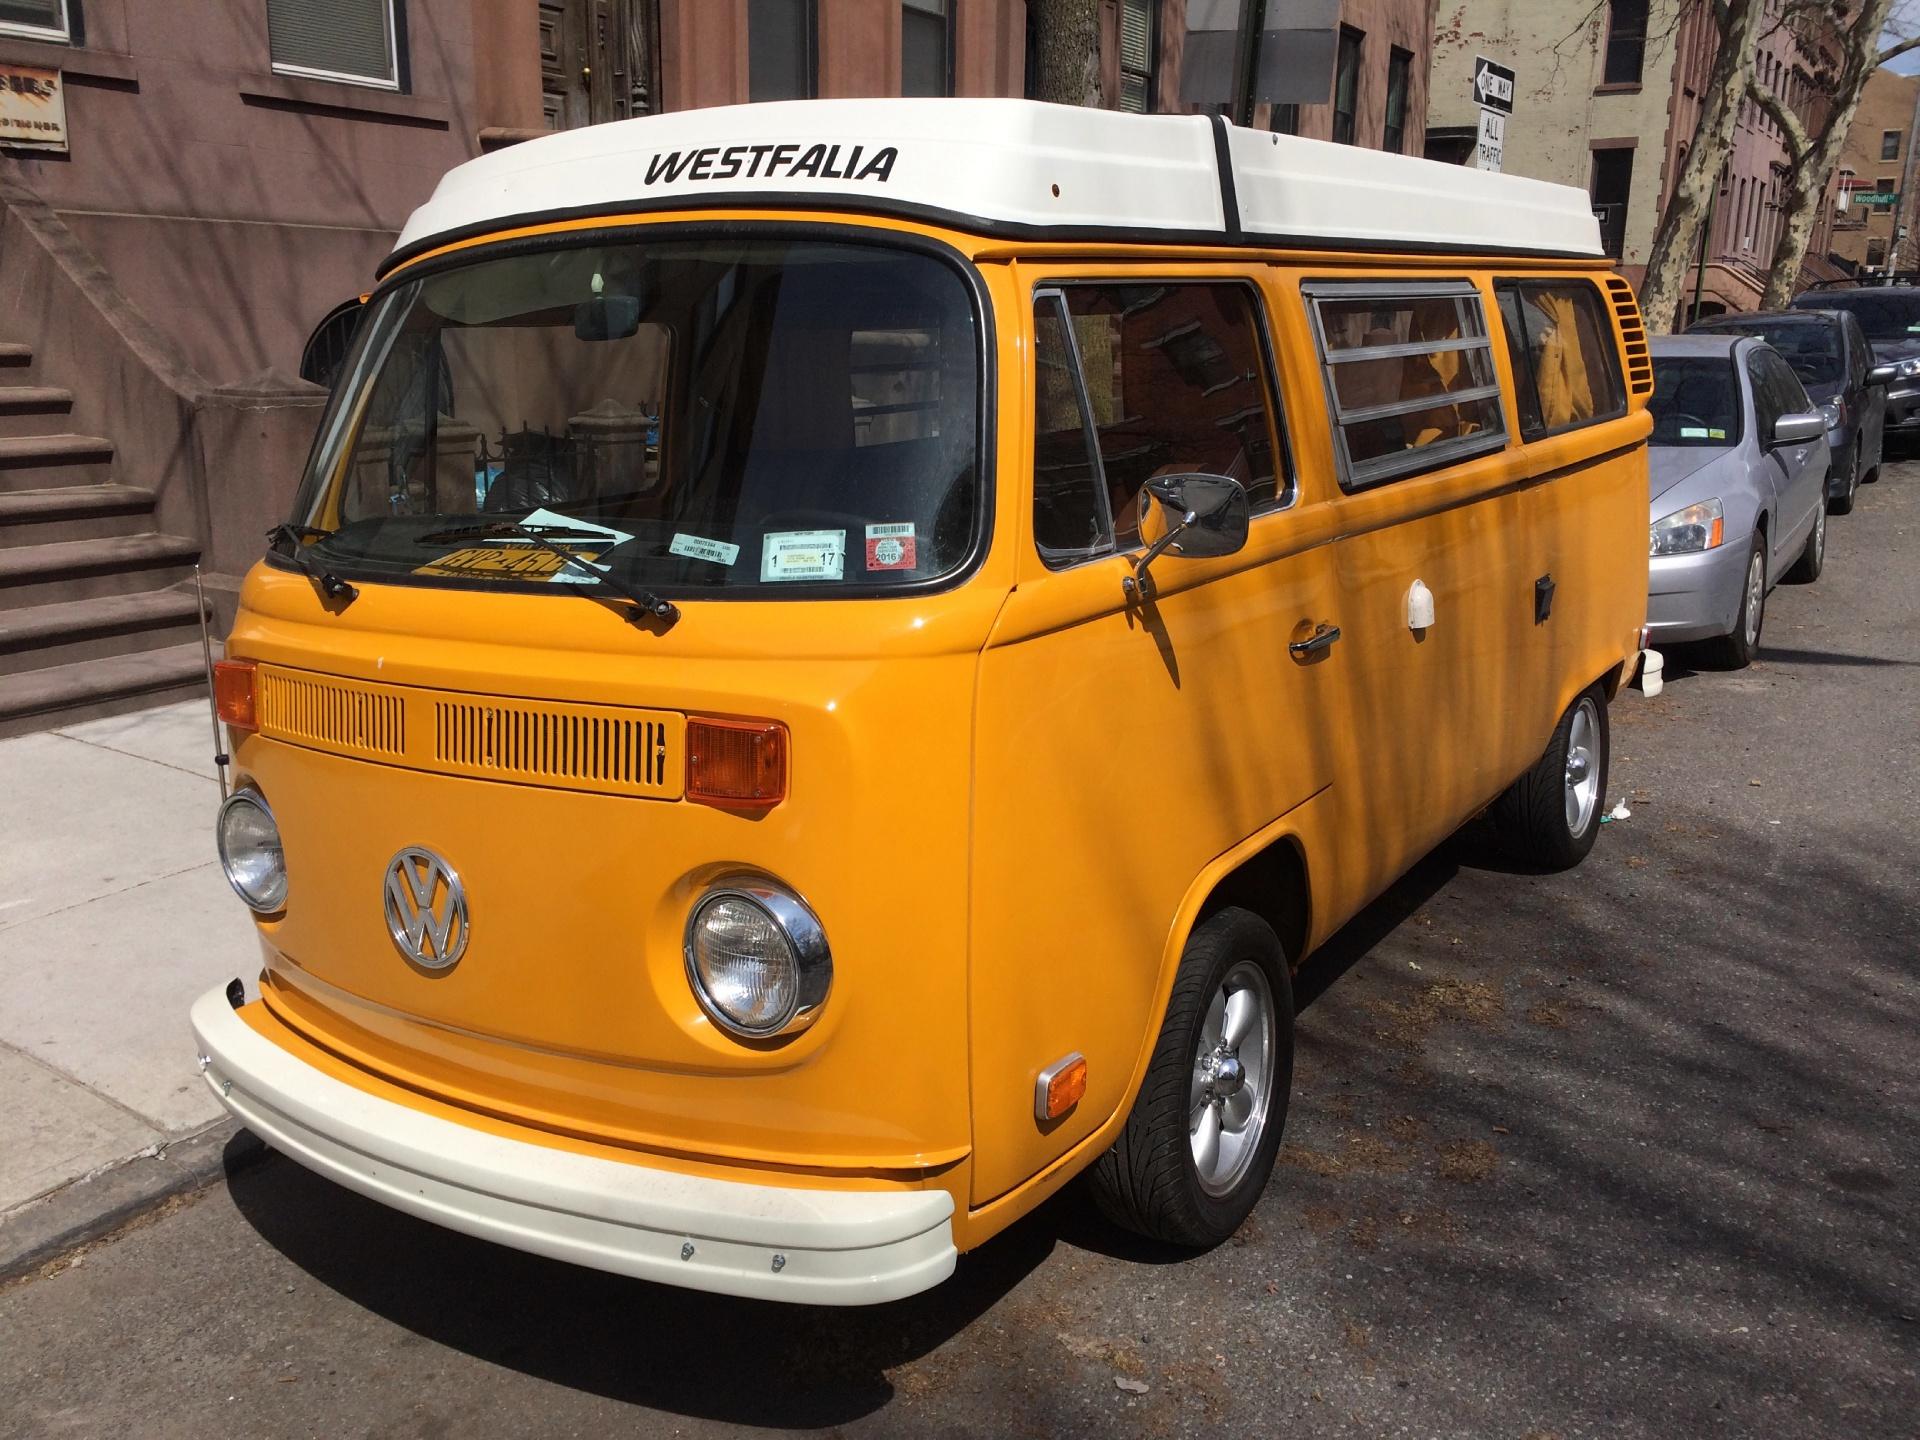 1976 Volkswagen Type 2 Westfalia Camper Bus Stock